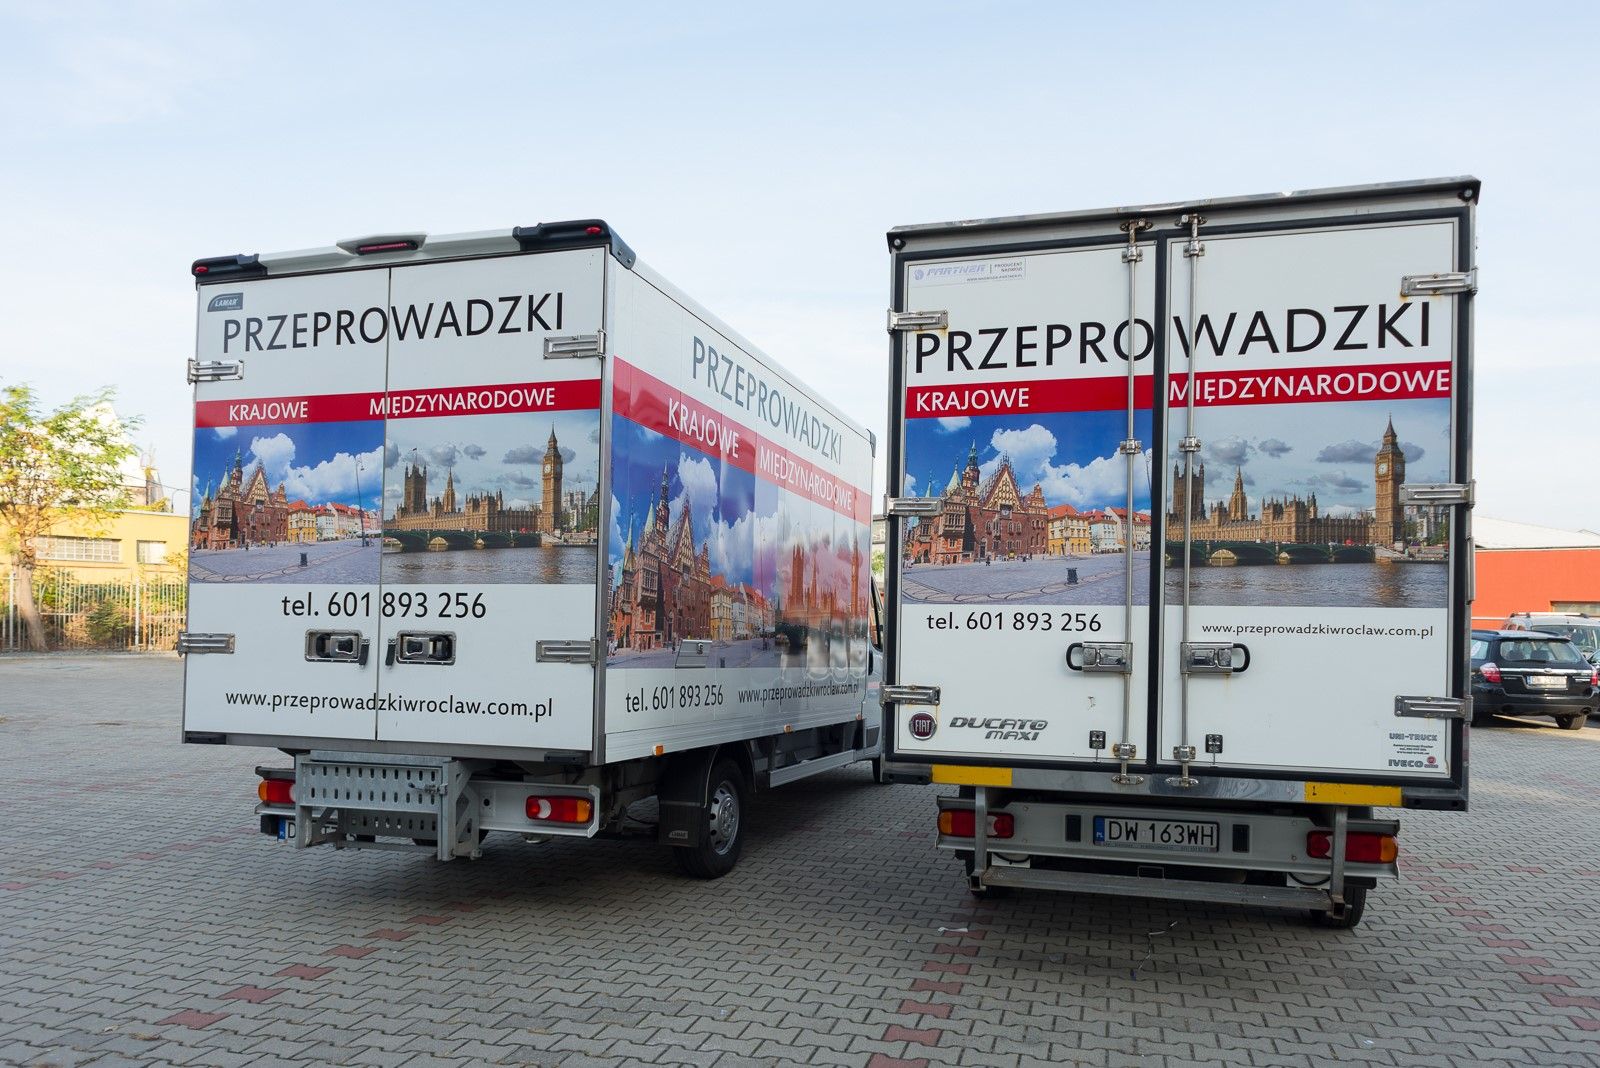 Przeprowadzki Wroclaw - Eurospiner flota 6